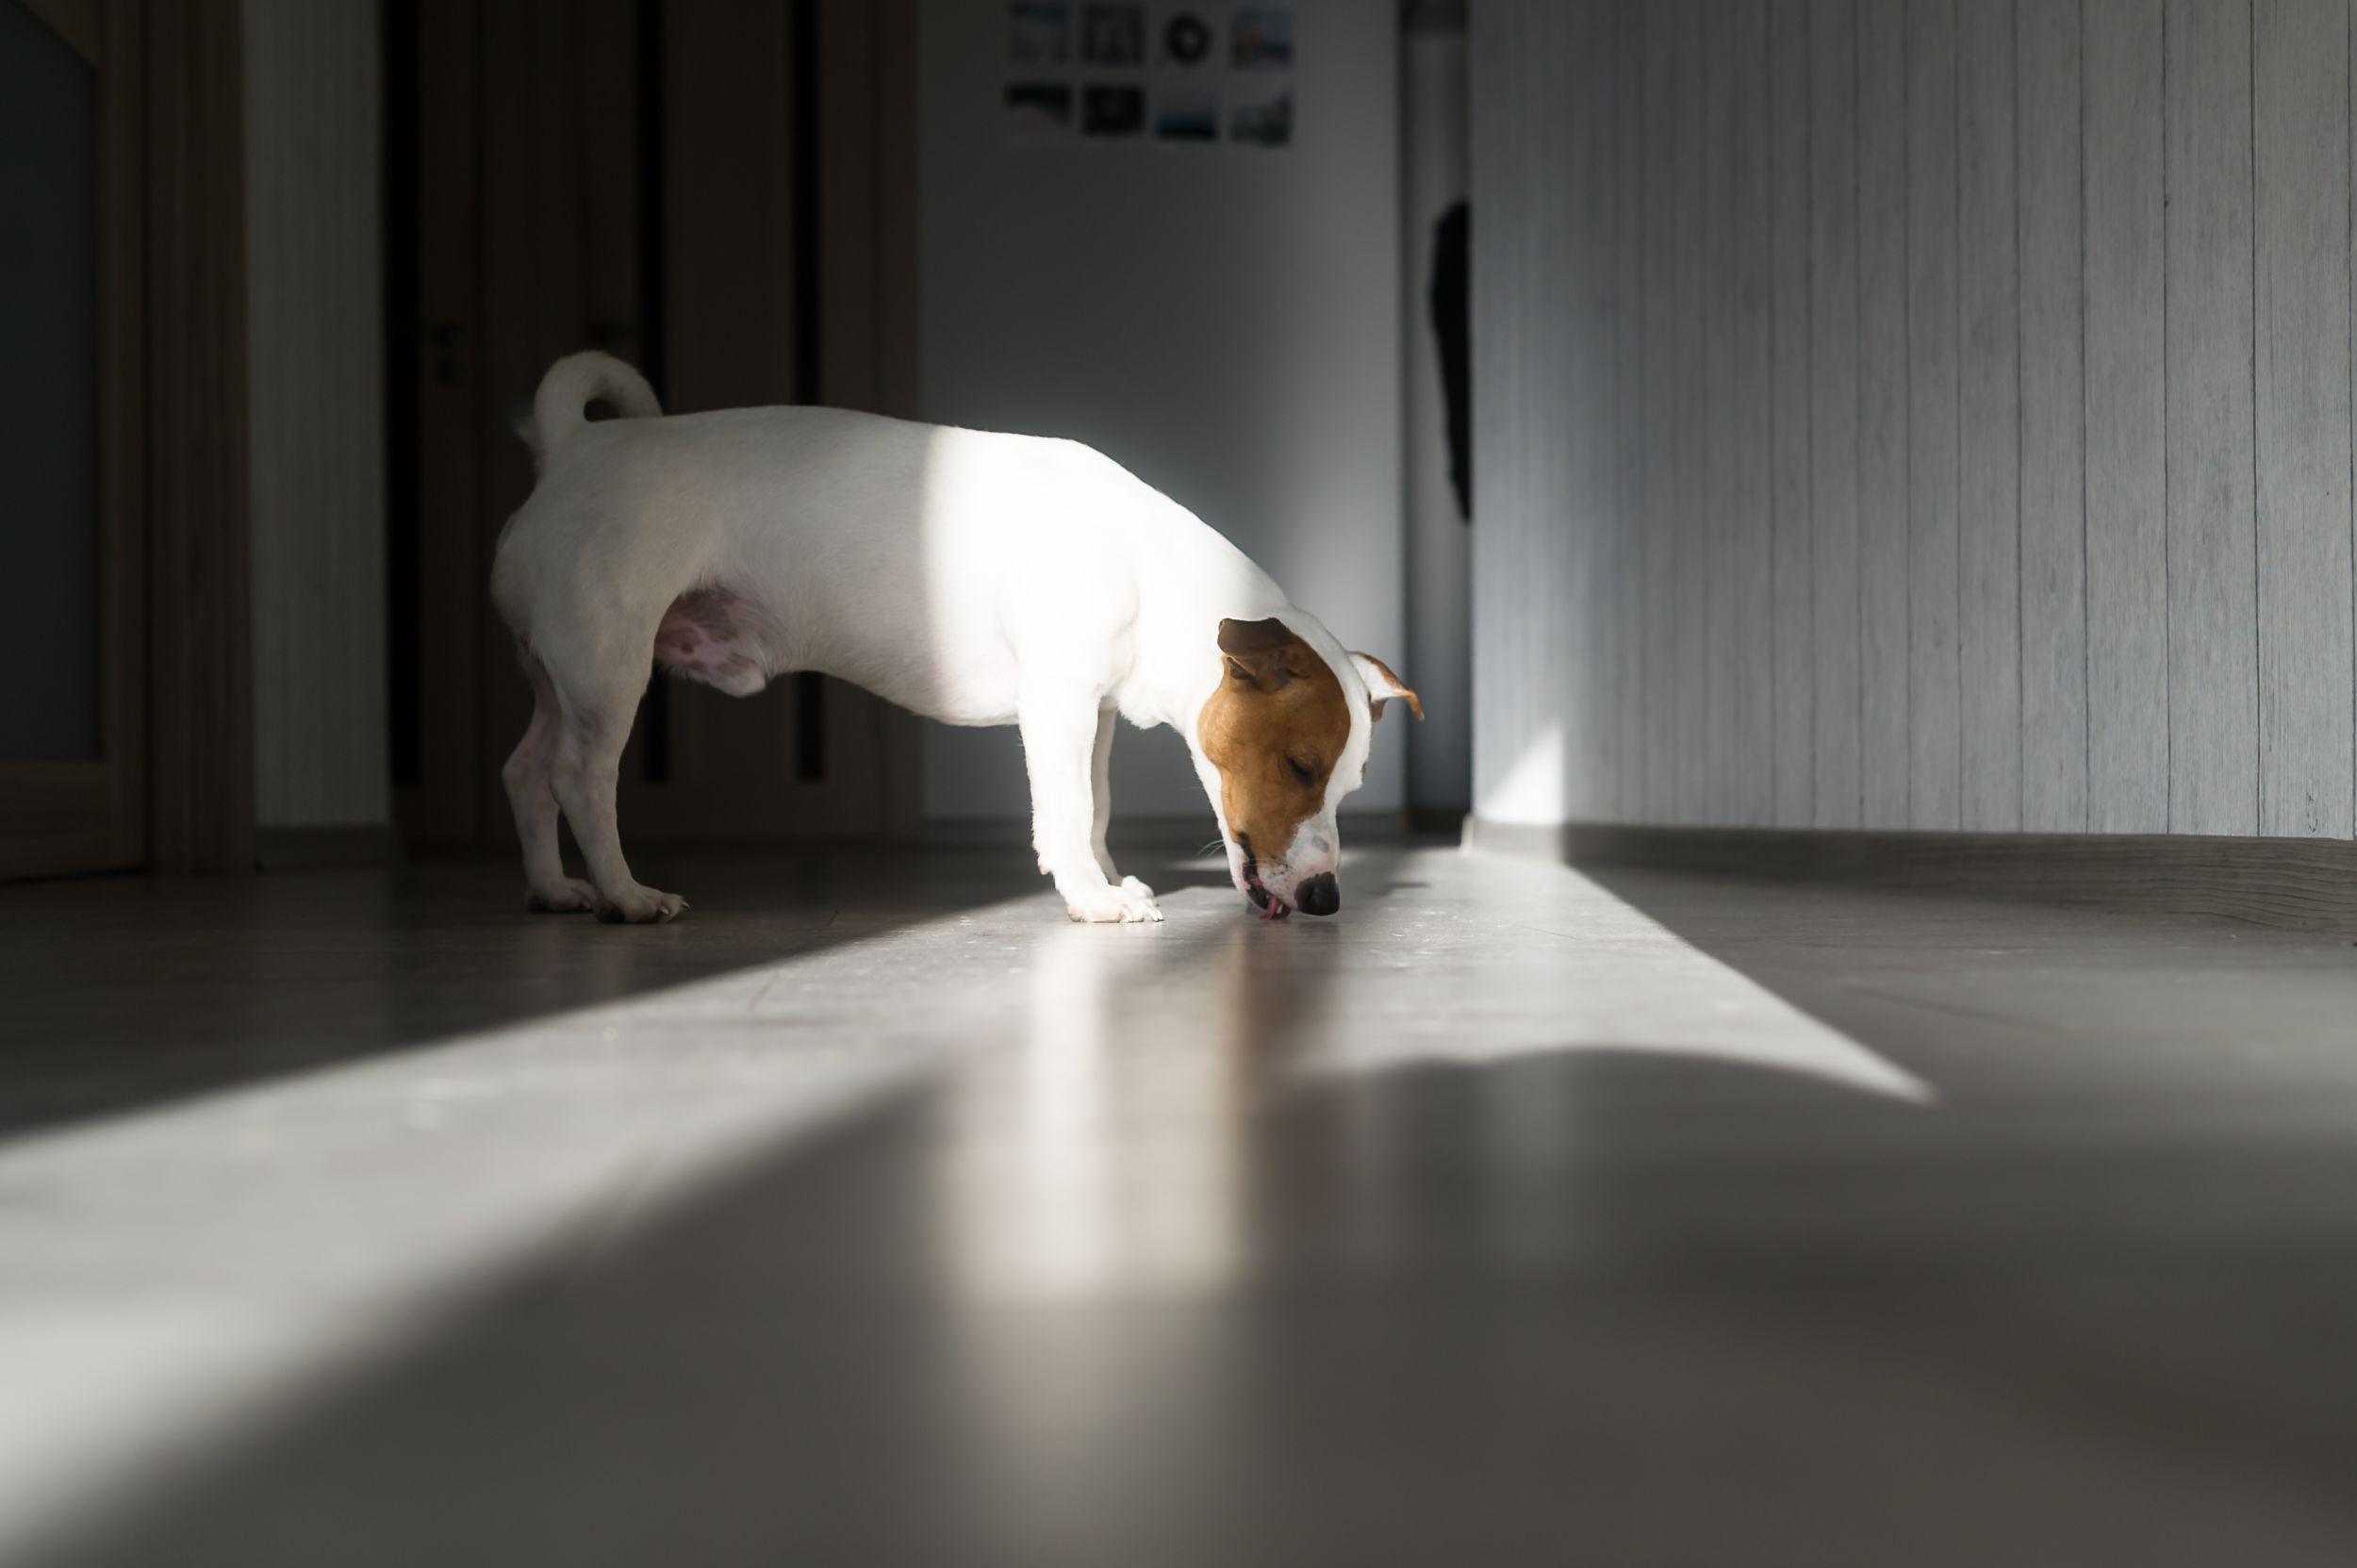 Dogilike.com :: ไขปัญหา น้องหมาชอบเลียพื้น ... แบบนี้ผิดปกติรึเปล่านะ